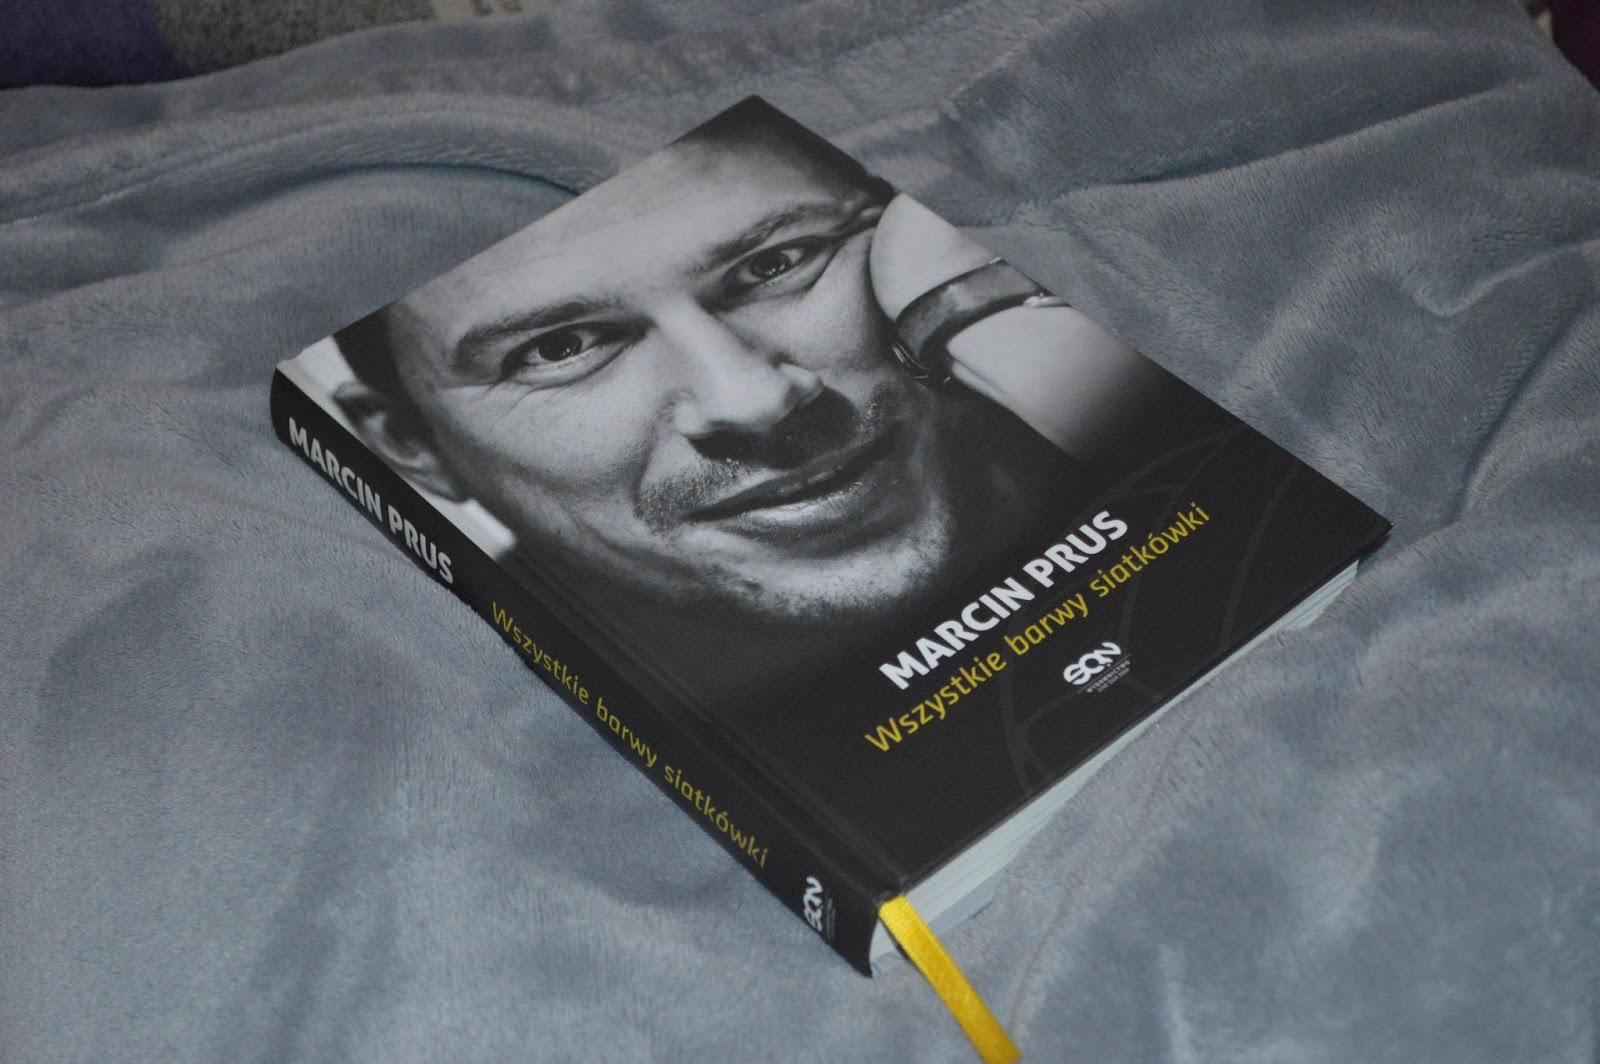 Siatkówka to cudowny sport - recenzja książki #92 - Marcin